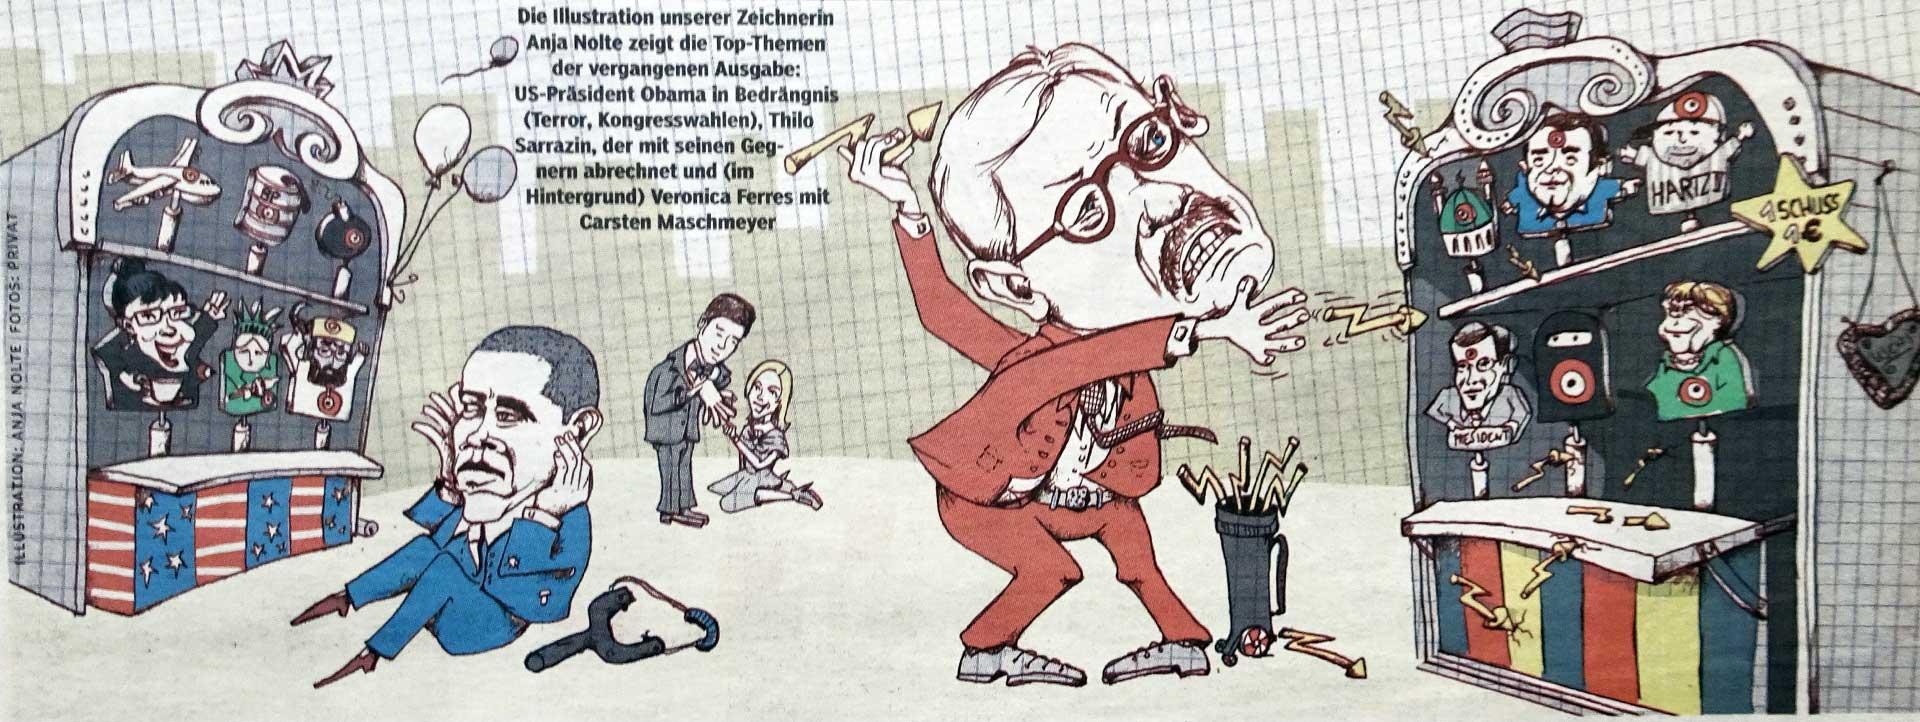 Topthema Obama Karikatur Anja Nolte